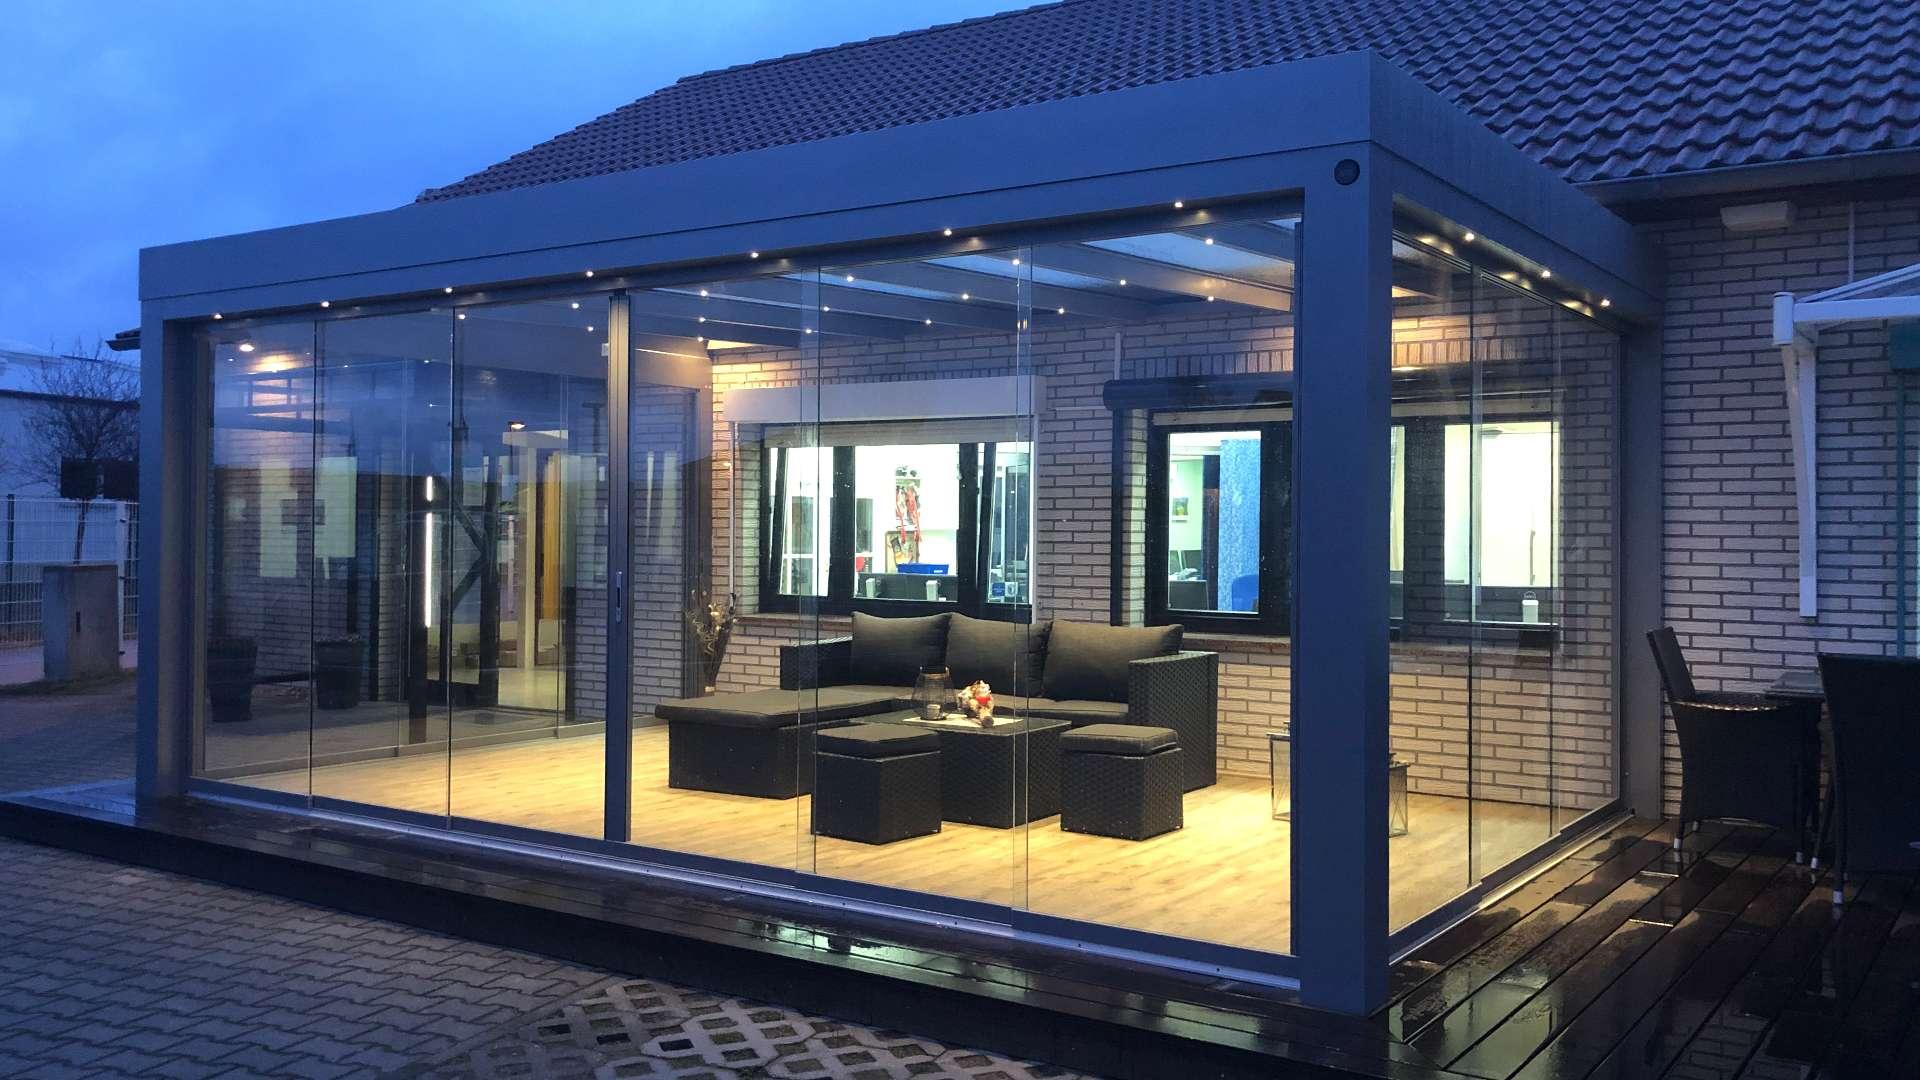 SDL Acubis Terrassendach in der Außenausstellung von Knobloch in Gardelegen bei Nacht